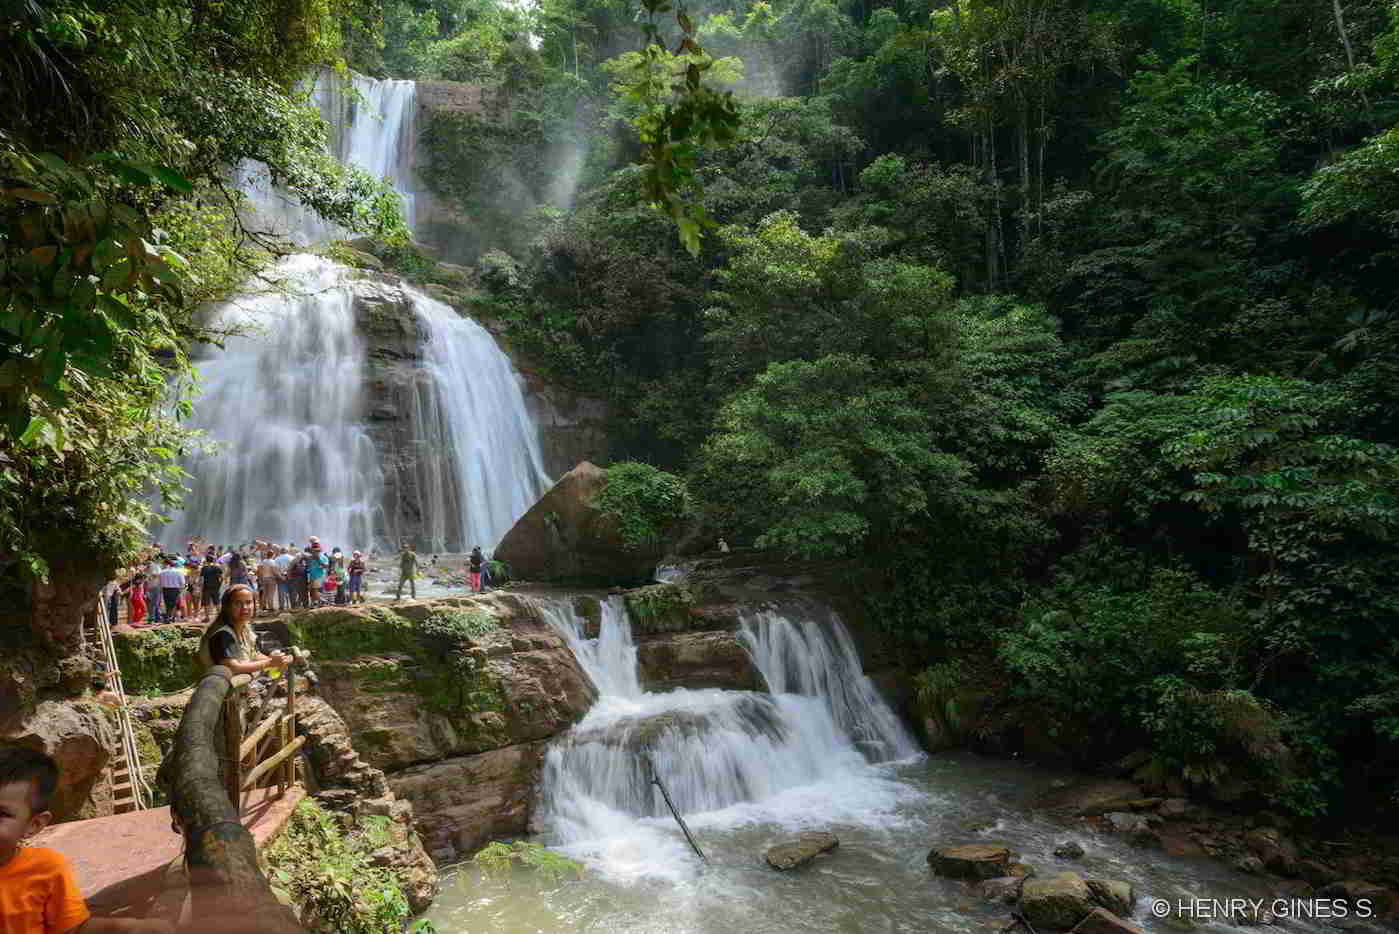 Lugares más visitados en la Selva Central para Semana Santa: Chanchamayo, Oxapampa y Satipo